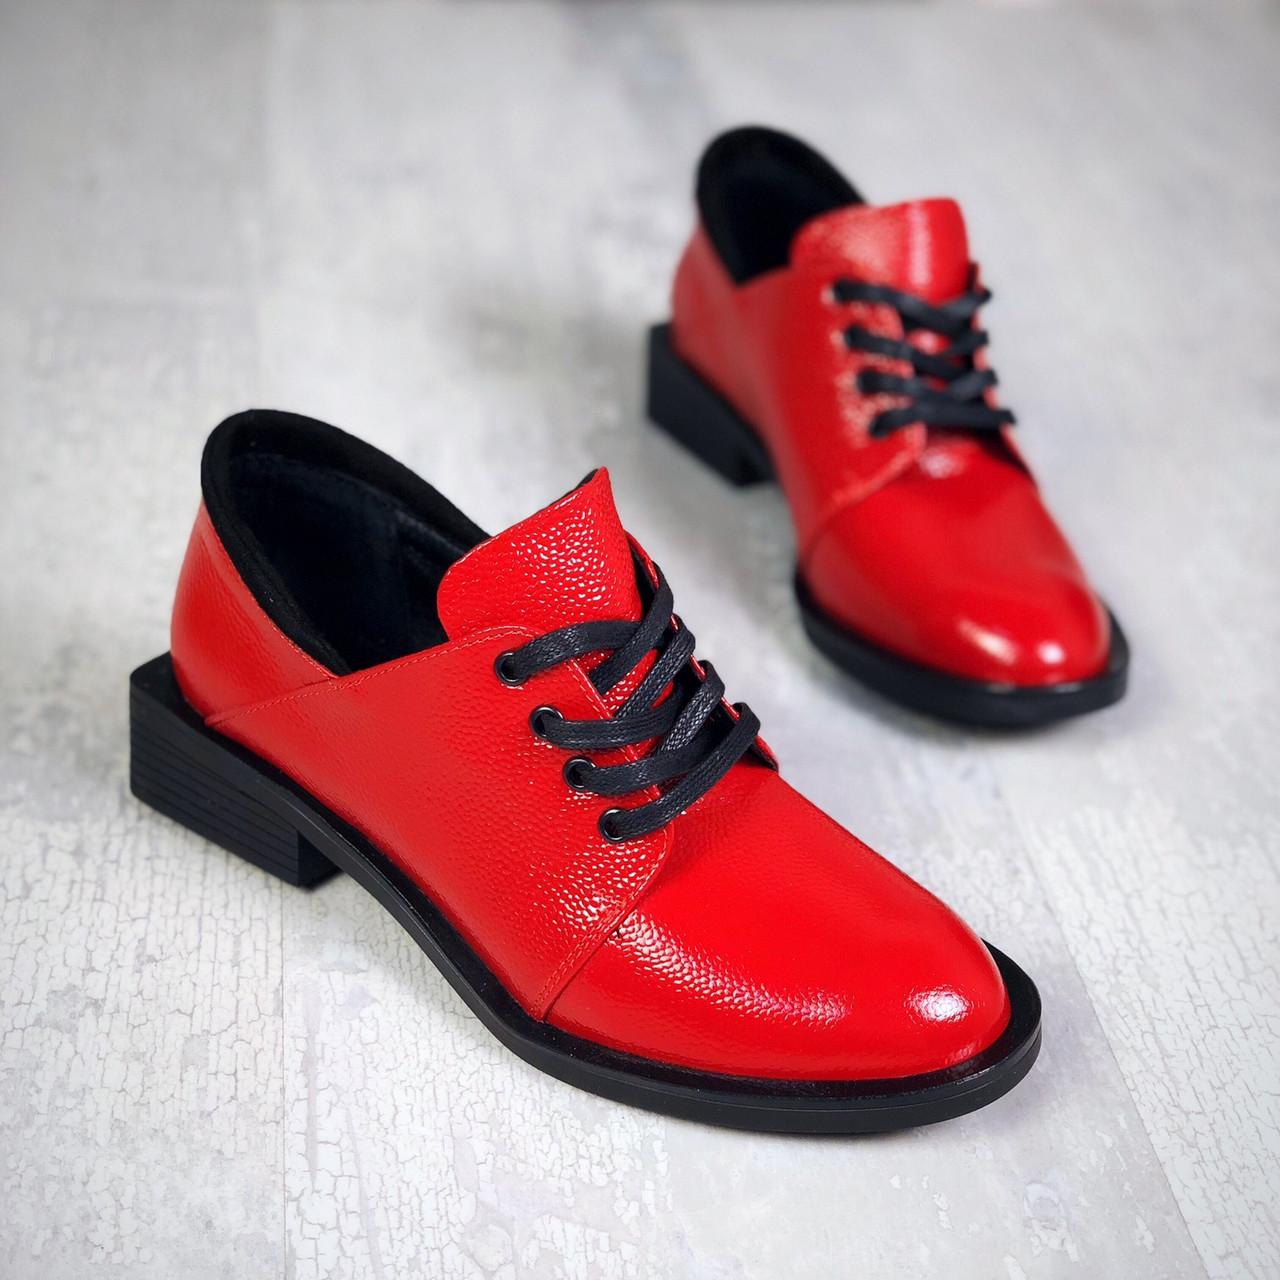 Кожаные туфли на шнуровке 36-40 р красный блеск